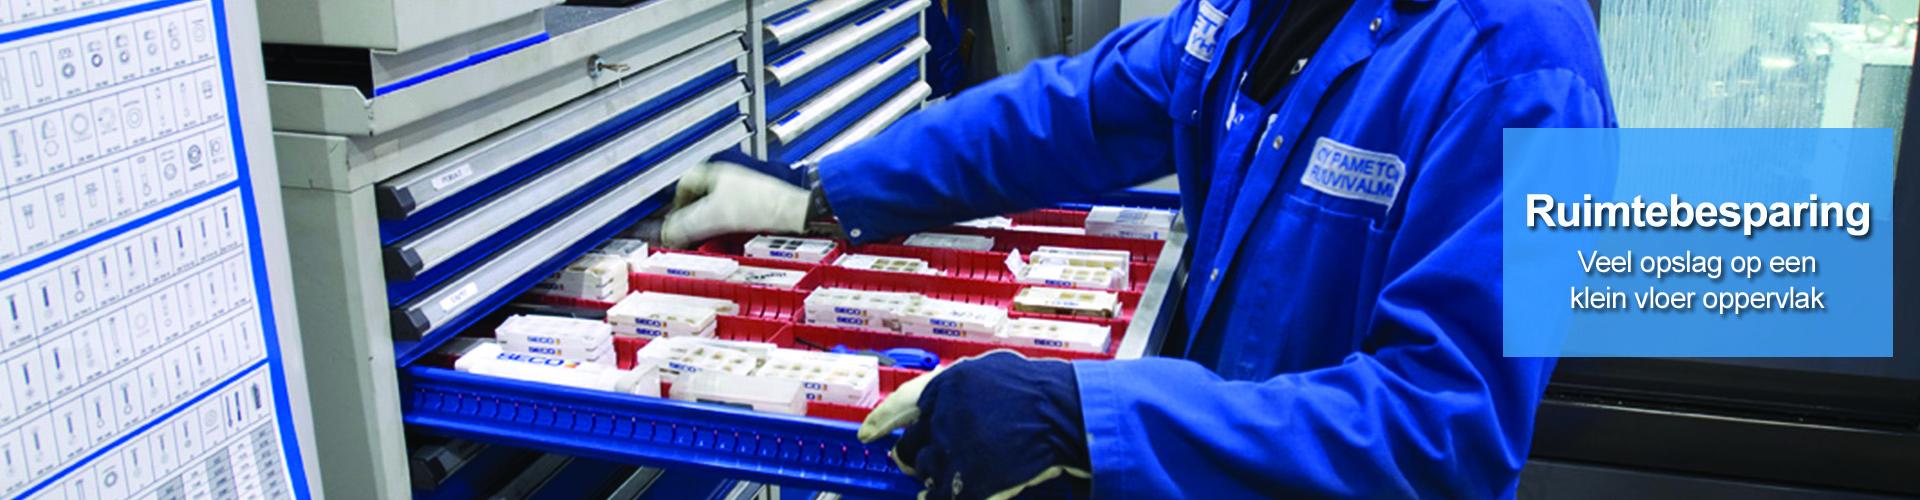 Sovella Nederland Treston ladekasten ruimtebesparend in de werkplaats